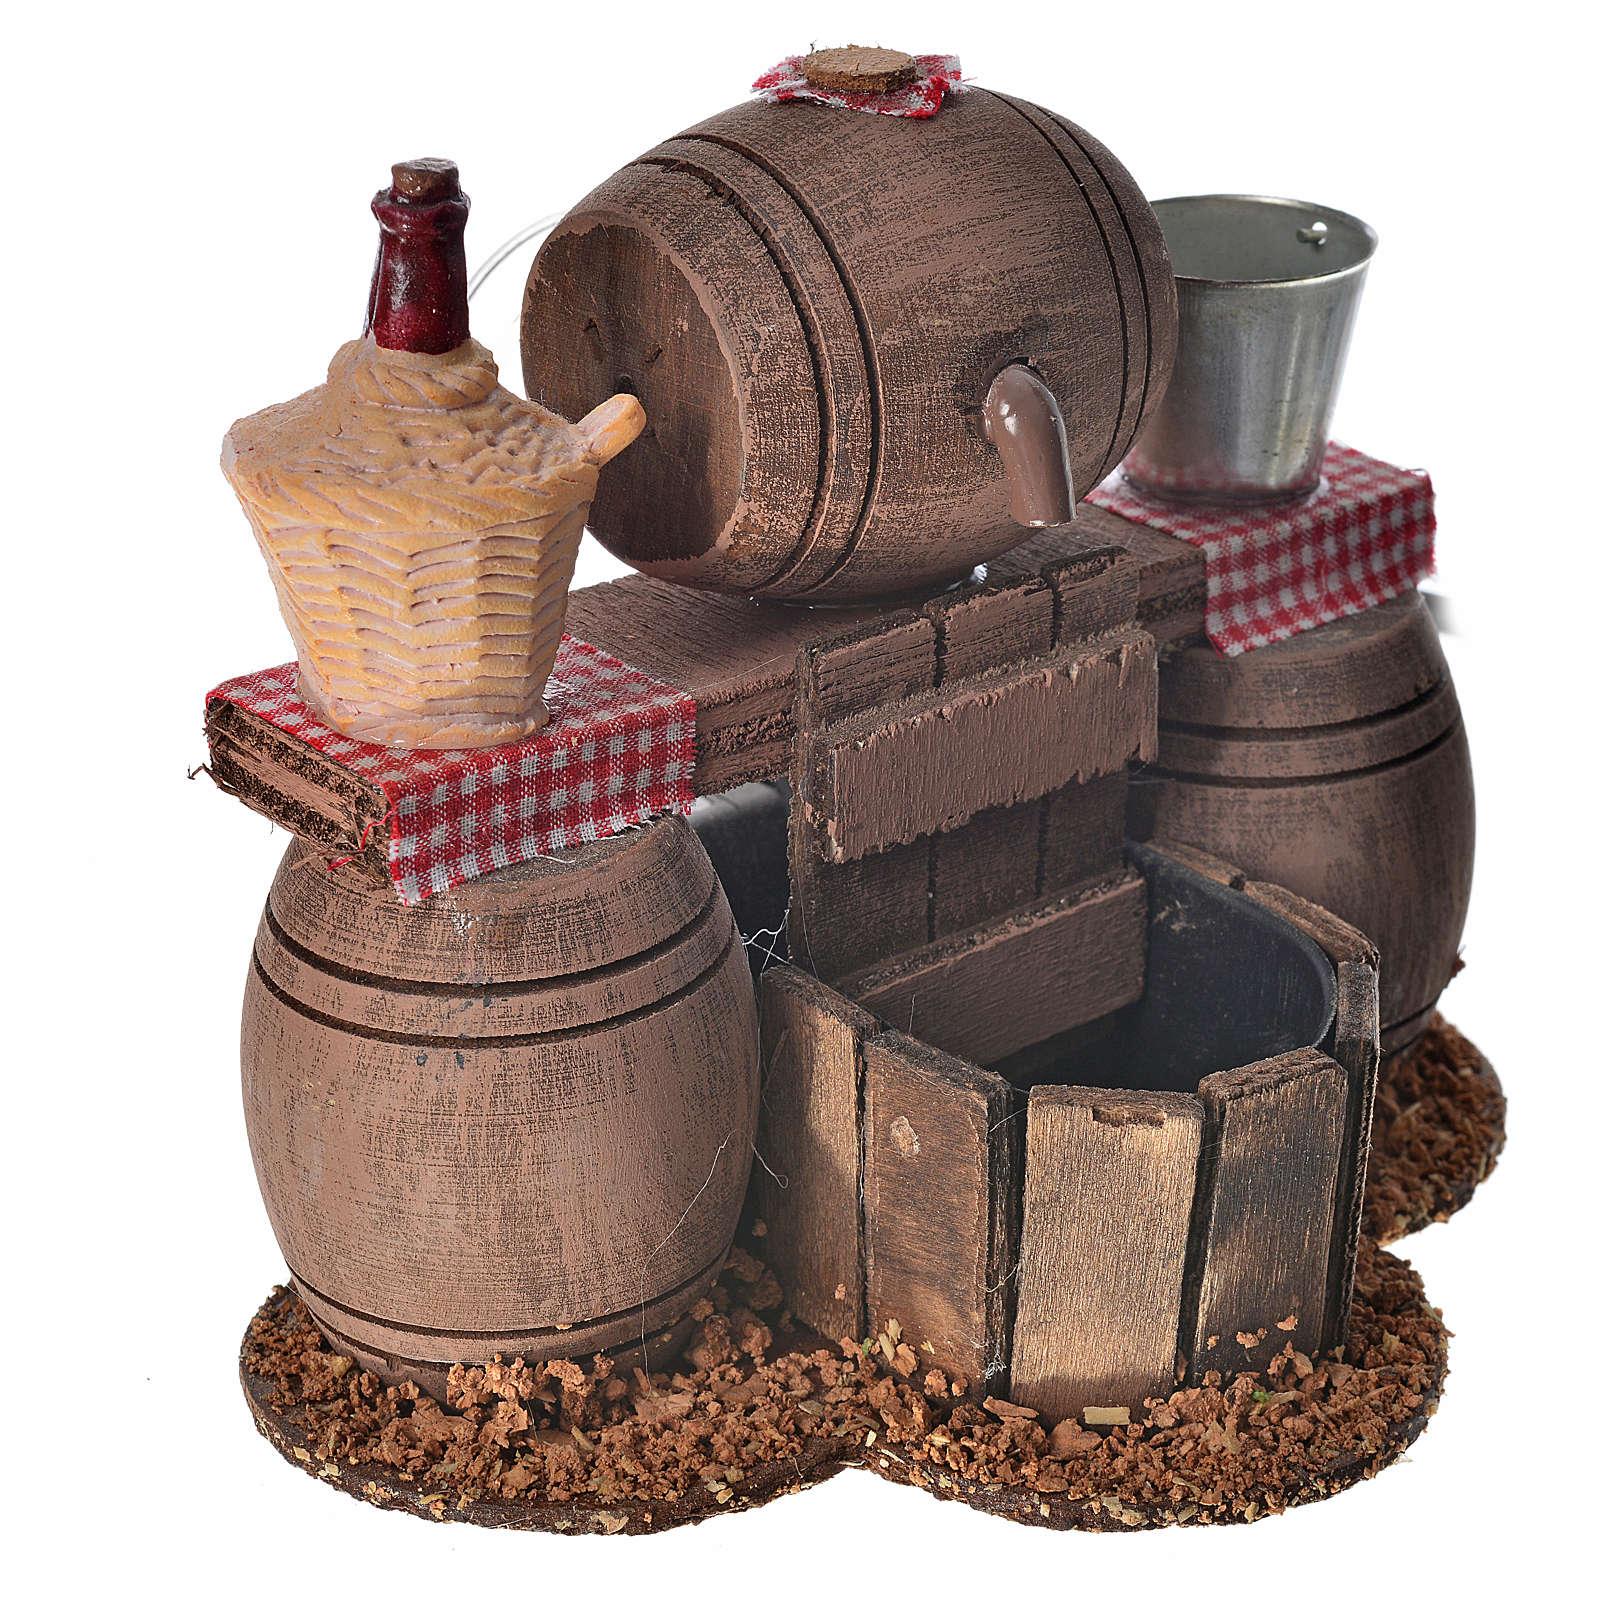 Cantina con botte ambientazione presepe con pompa acqua 11x14x13 4